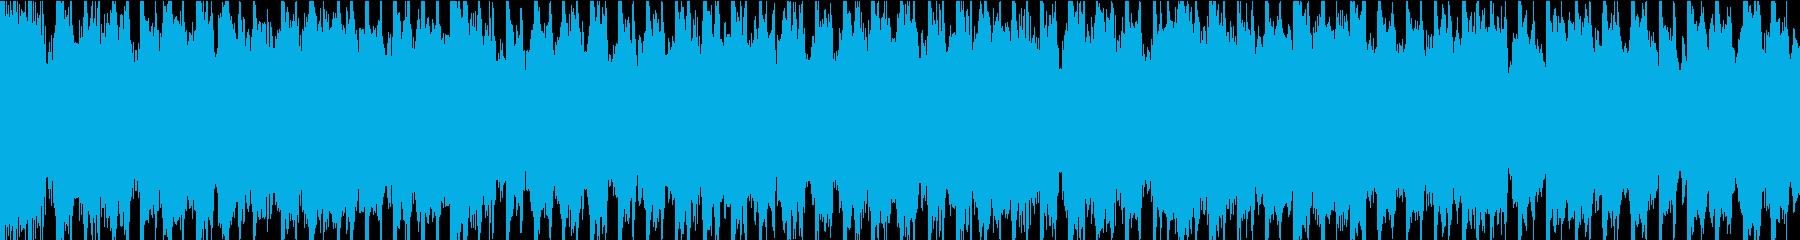 反復的なシンセ要素と脈動するベース...の再生済みの波形